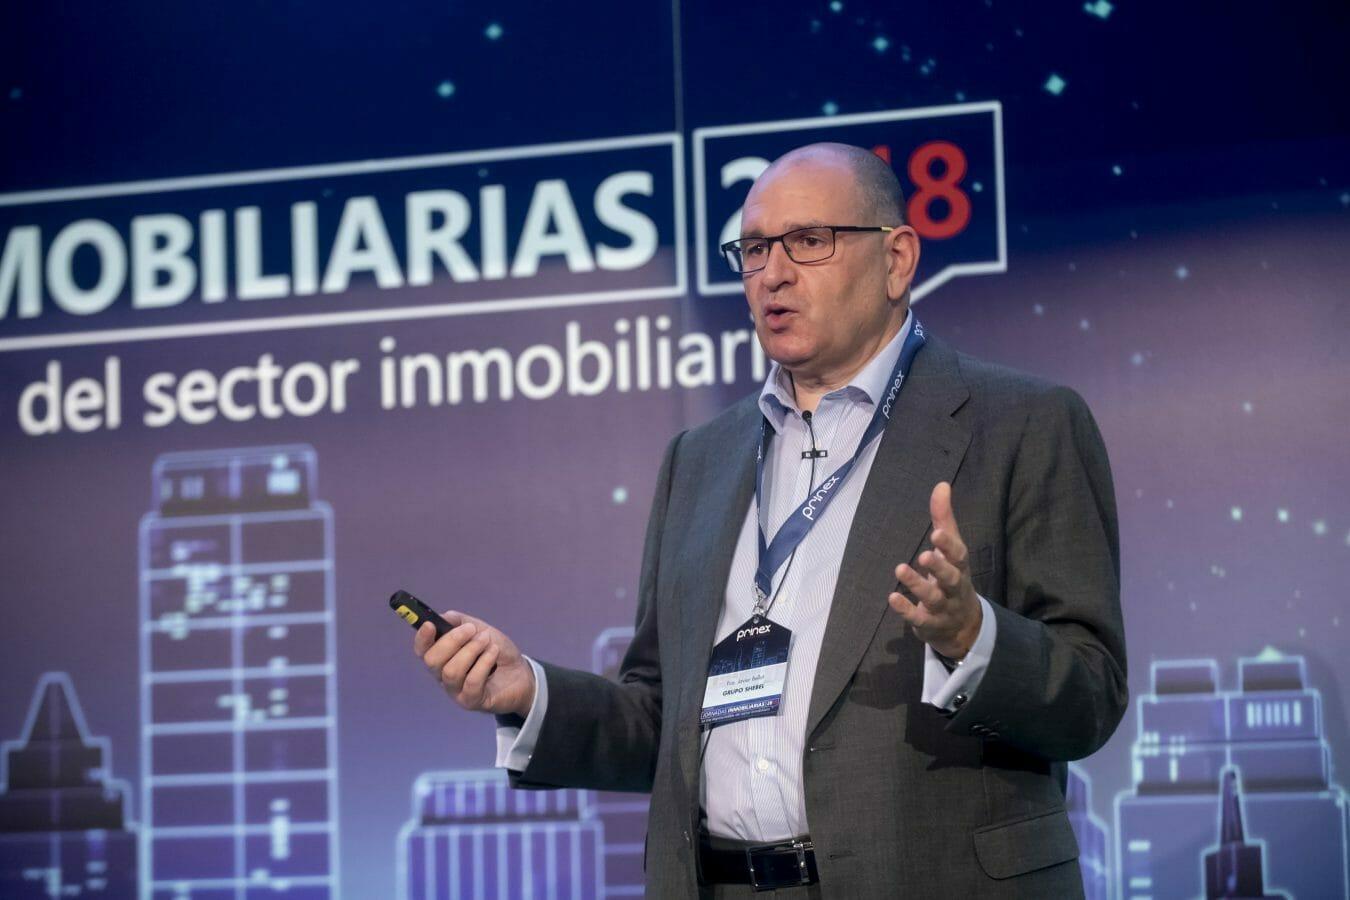 2018-11-14 JORNADAS INMOBILIARIAS PRINEX 25